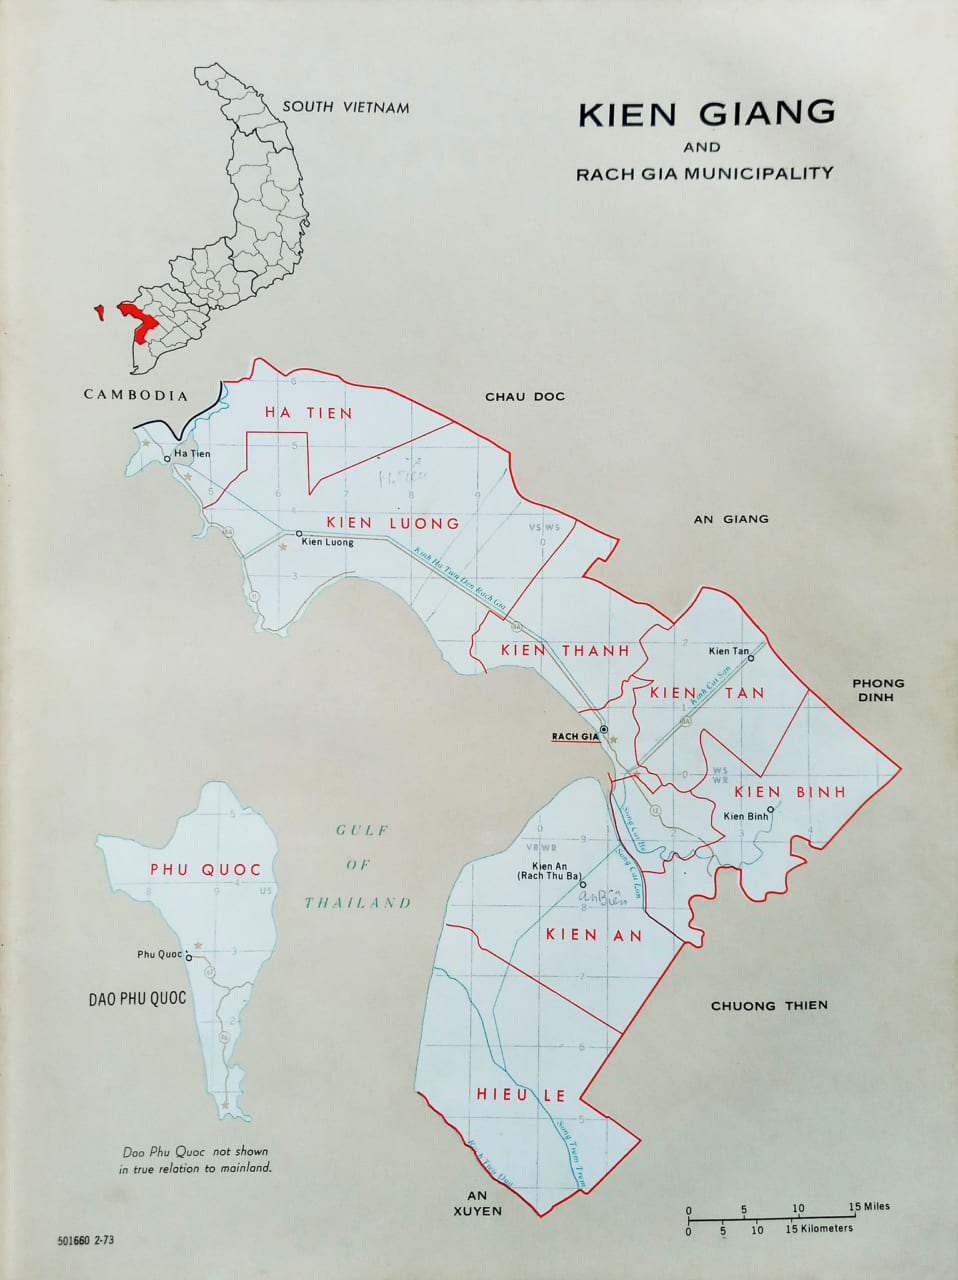 Bản đồ Thị xã Rạch Giá, tỉnh Kiên Giang năm 1973